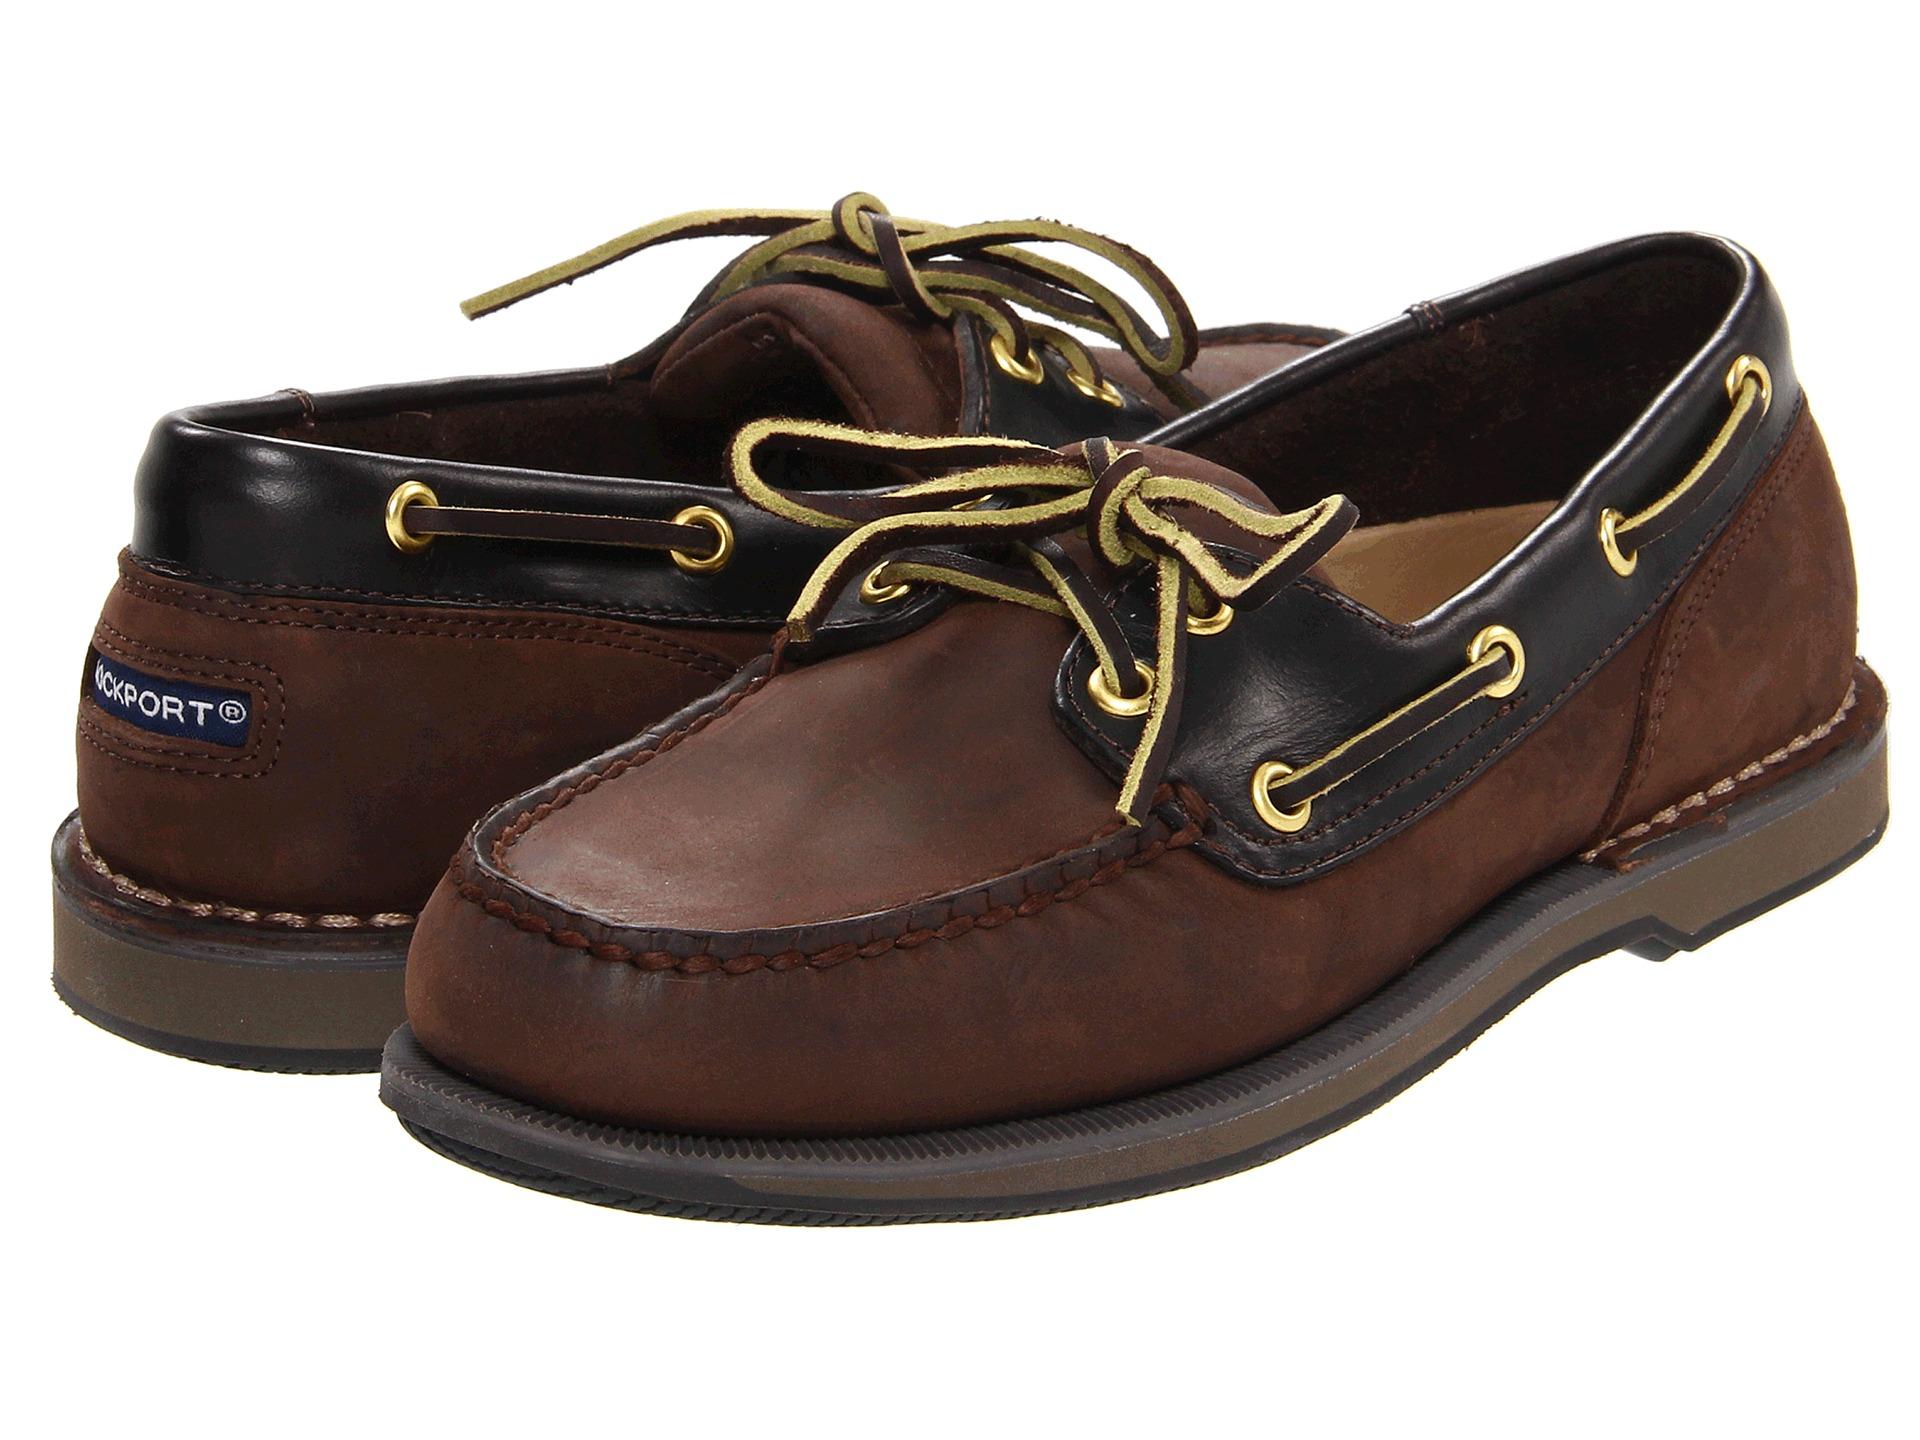 Rockport Shoes Deals On 1001 Blocks